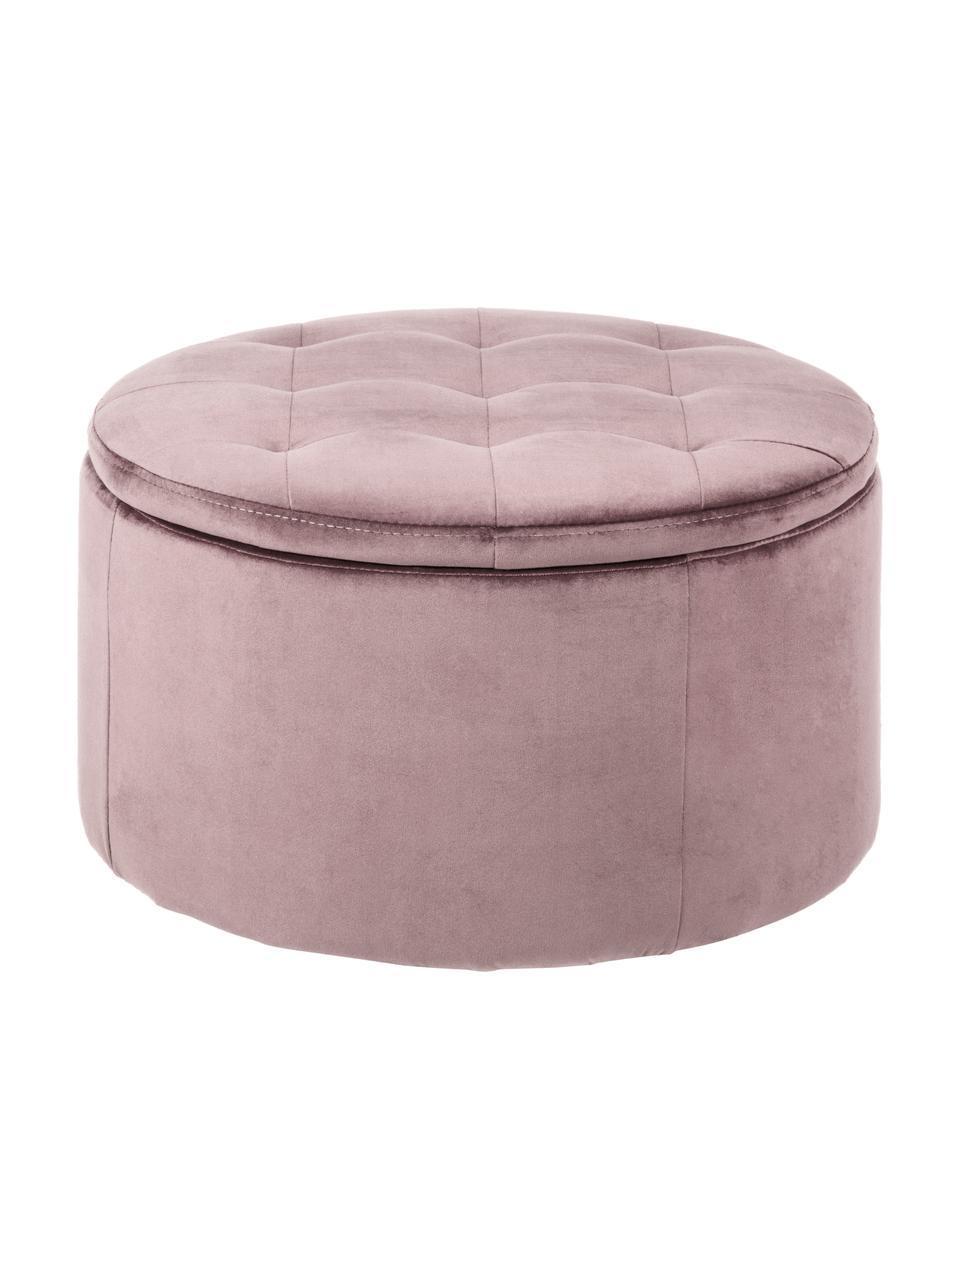 Pouf contenitore in velluto Retina, Rivestimento: velluto di poliestere 25., Struttura: materiale sintetico, Rosa cipria, Ø 60 x Alt. 35 cm